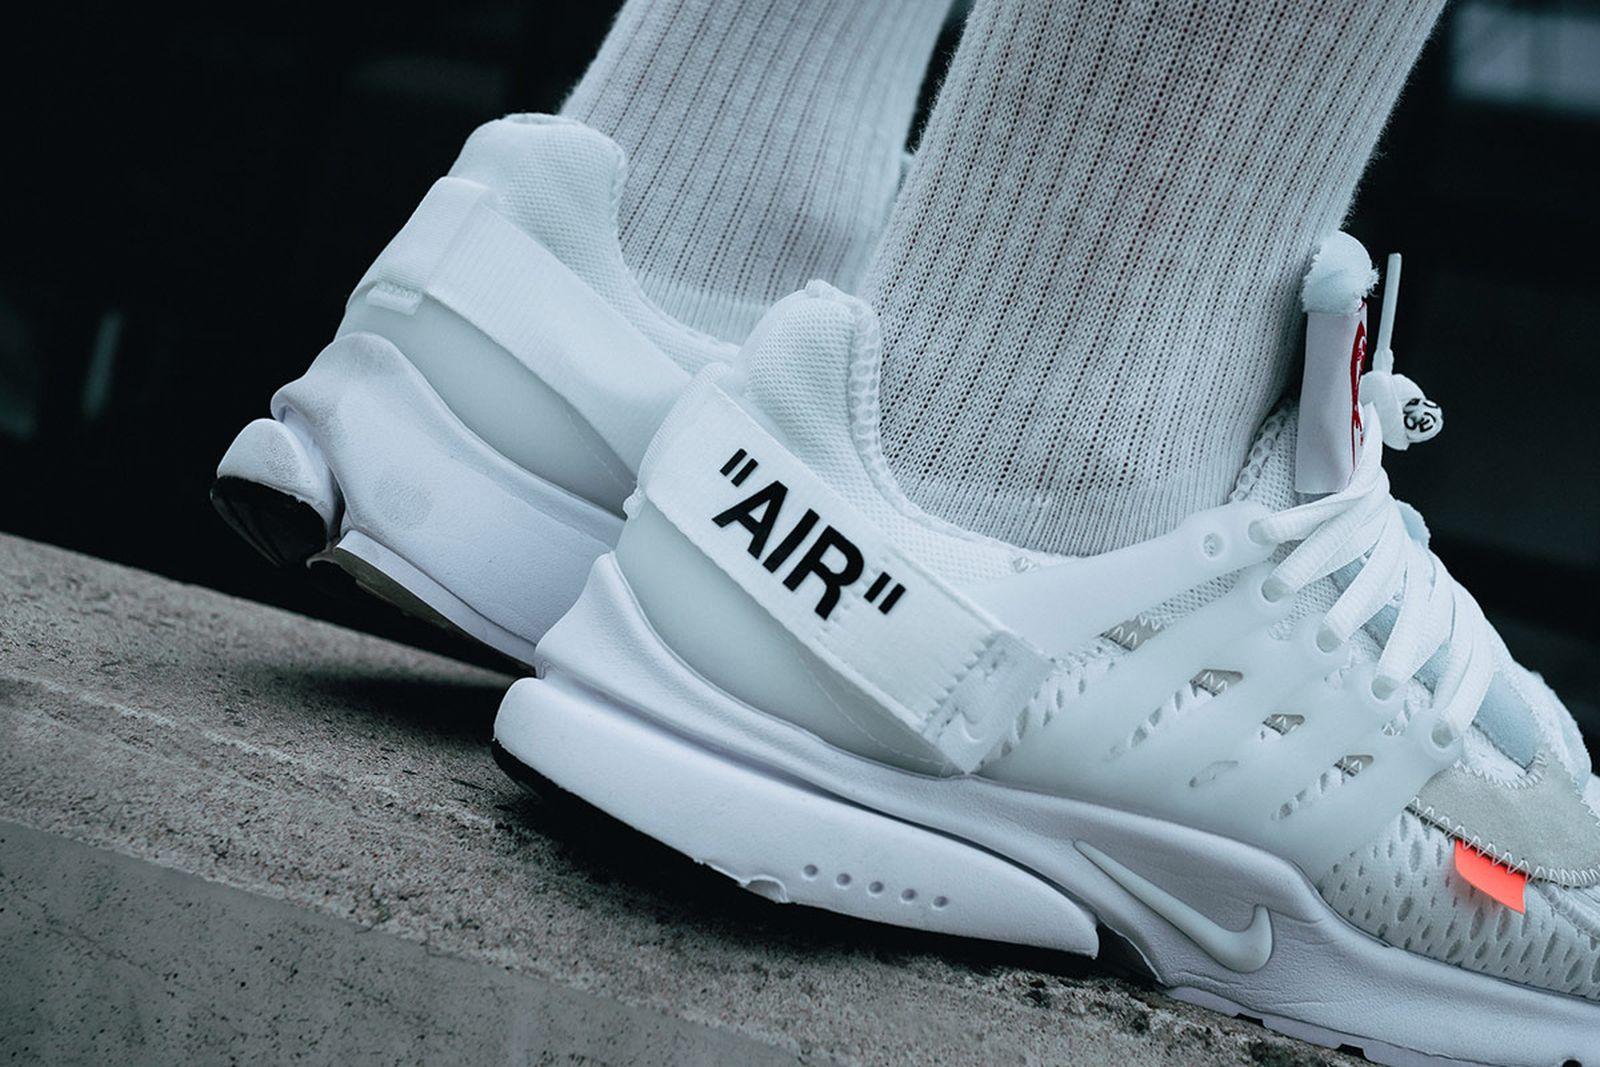 Descarga Sano precedente  Virgil Abloh x Nike Air Presto White: Buy it Here Today